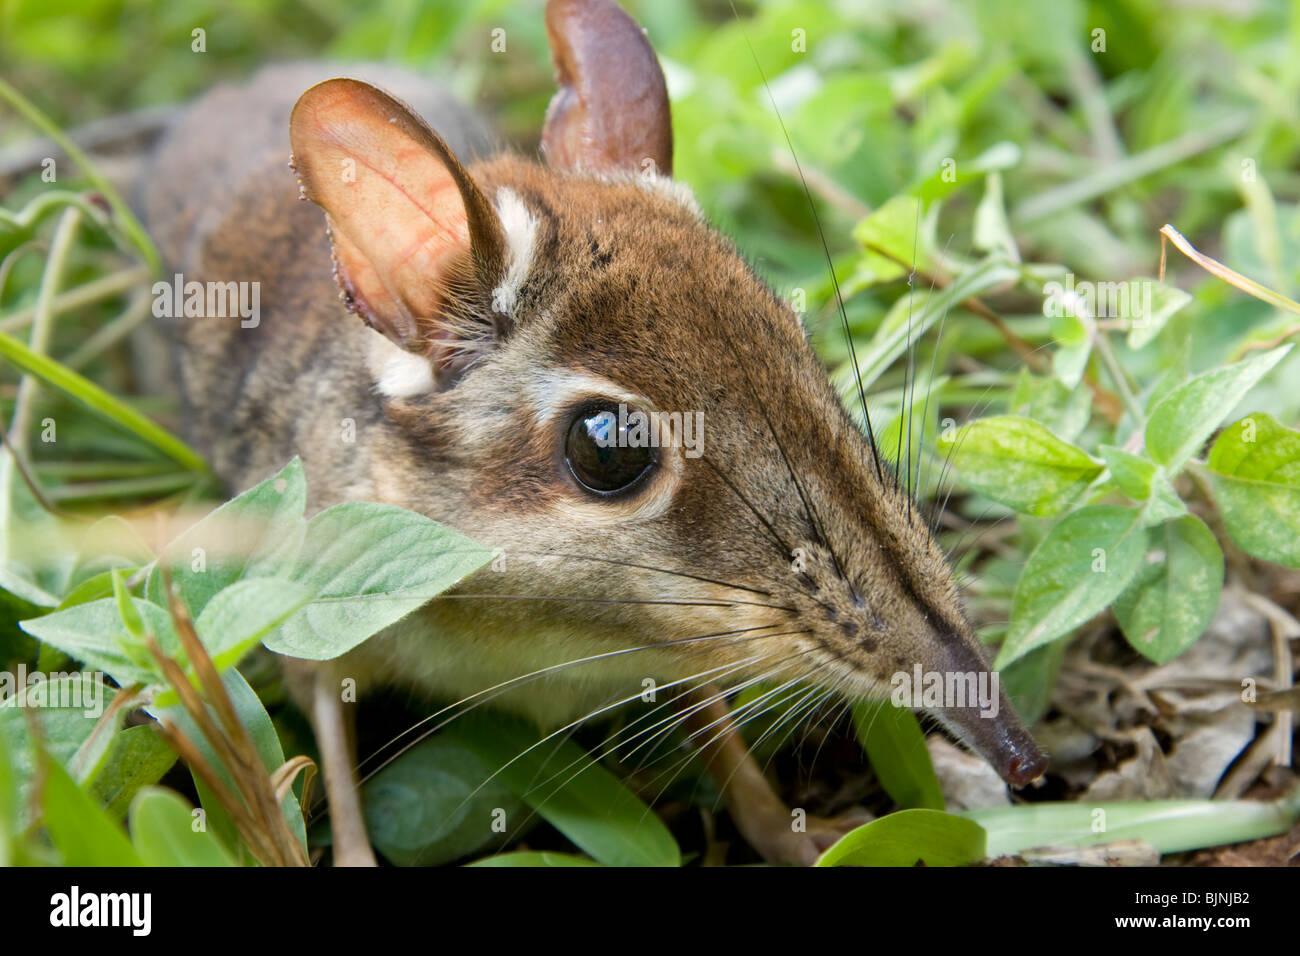 Four-toed Elephant Shrew or Four-toed Sengi (Petrodromus tetradactylus) Arabuko-Sokoke Forest, Kenya. - Stock Image